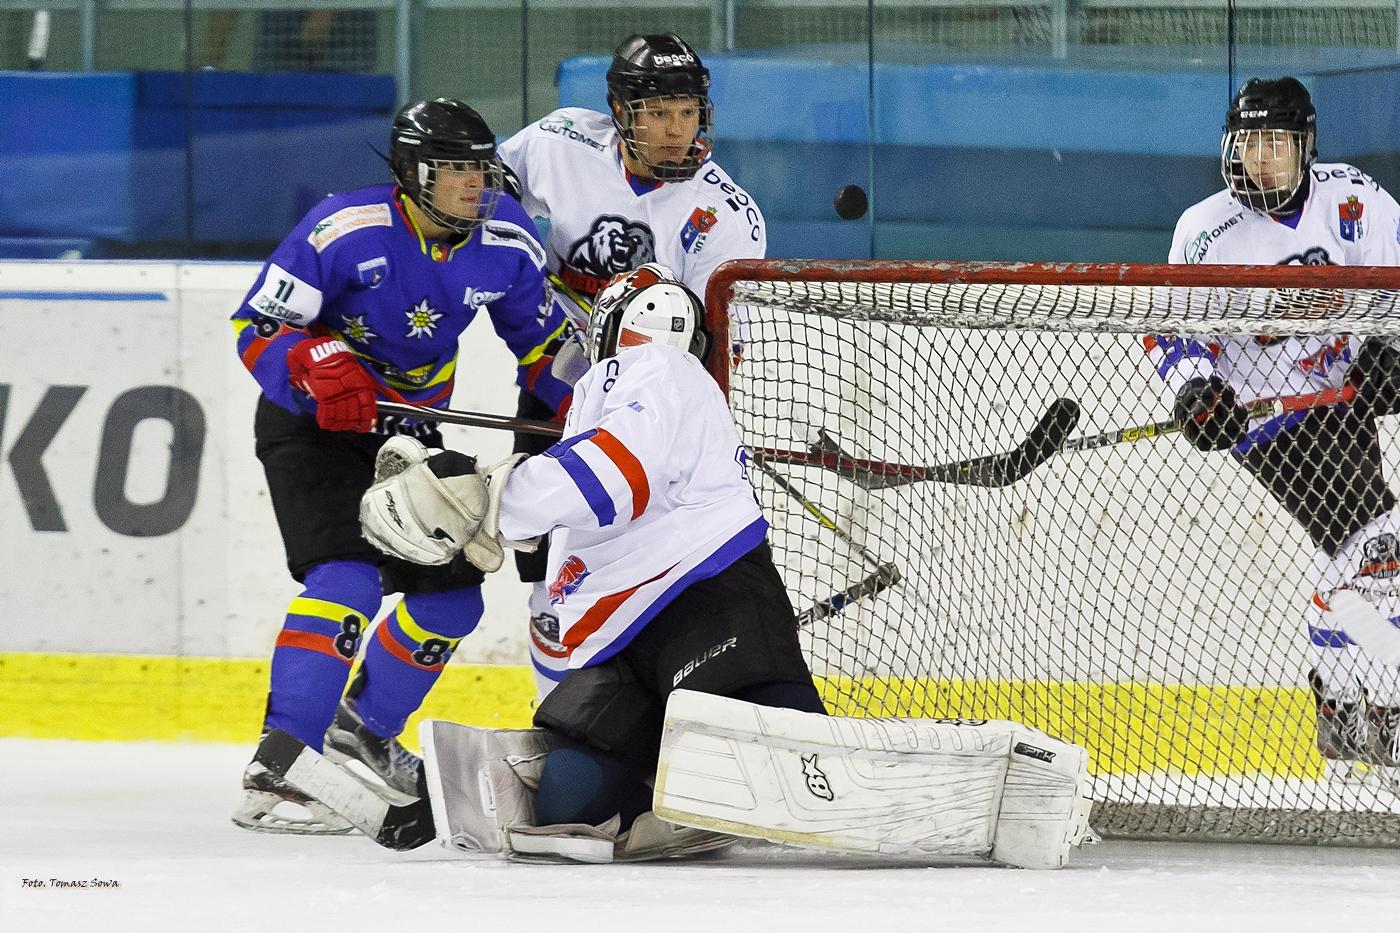 Zwycięstwo Niedźwiadków z Nowym Targiem w MHL [FOTORELACJA] - Zdjęcie główne